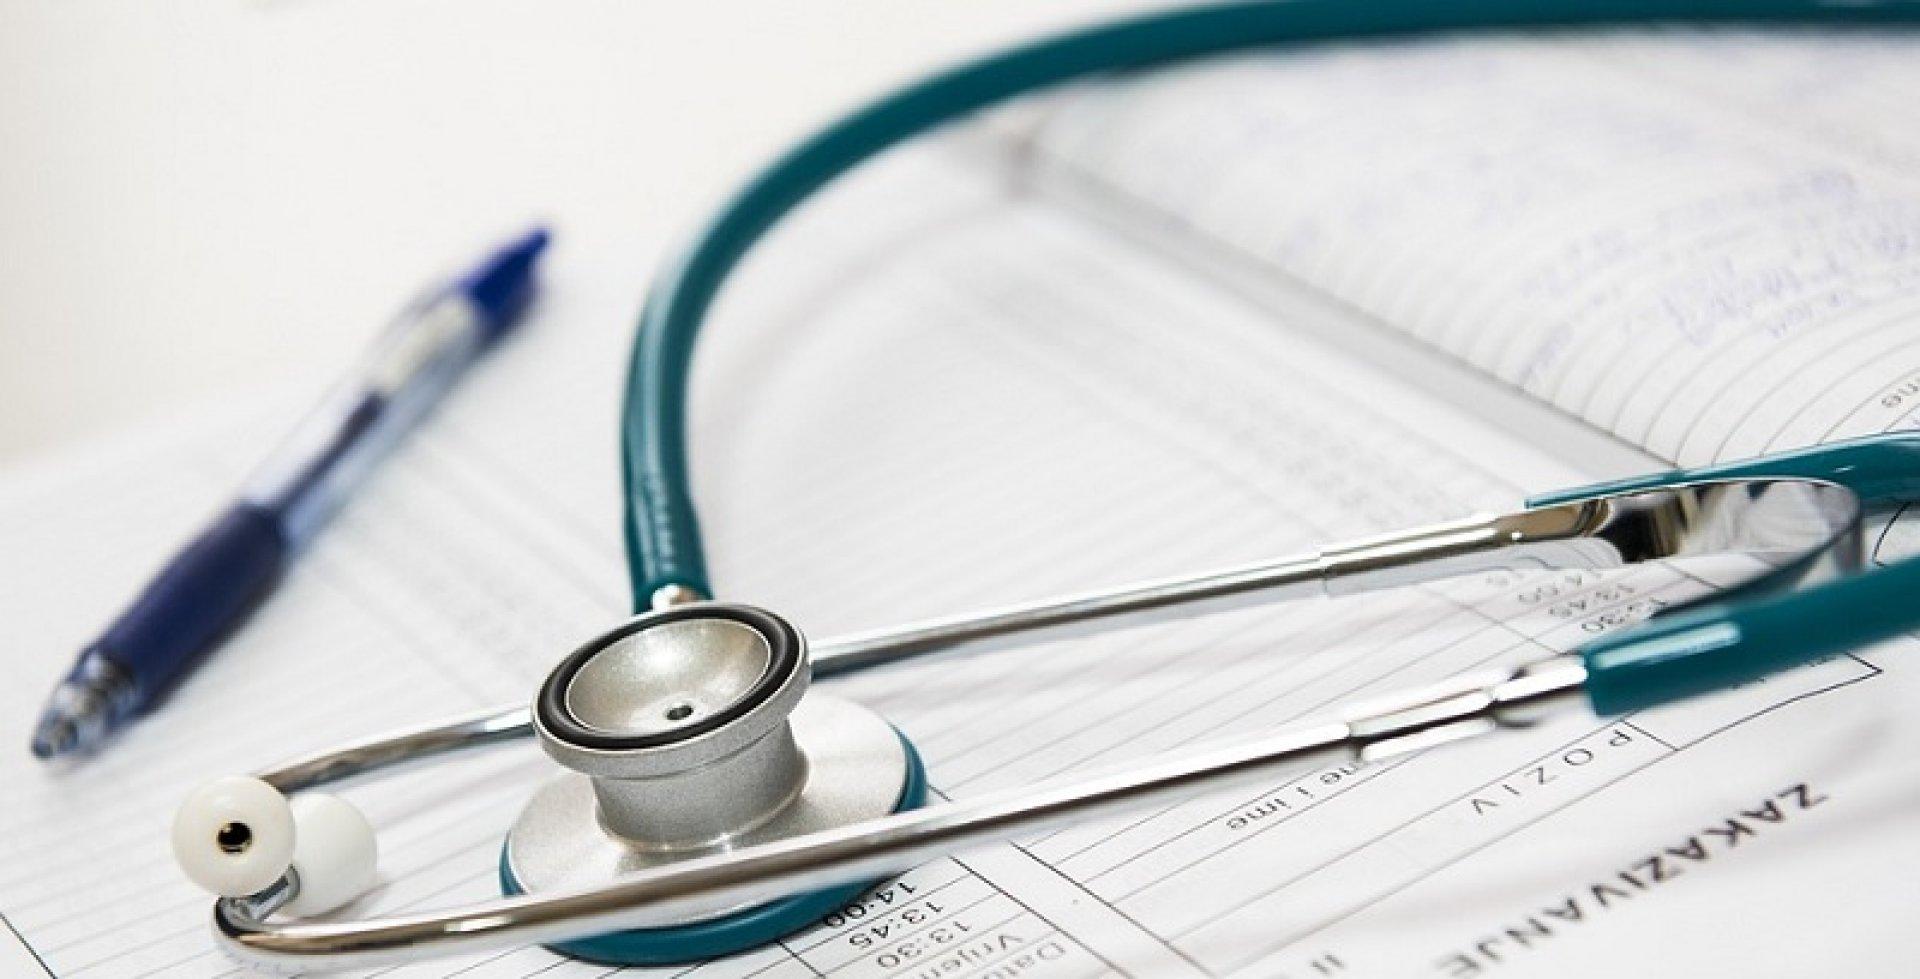 Лекари алармират, че грипните вируси са изключително опасни и могат да бъдат смъртоносни